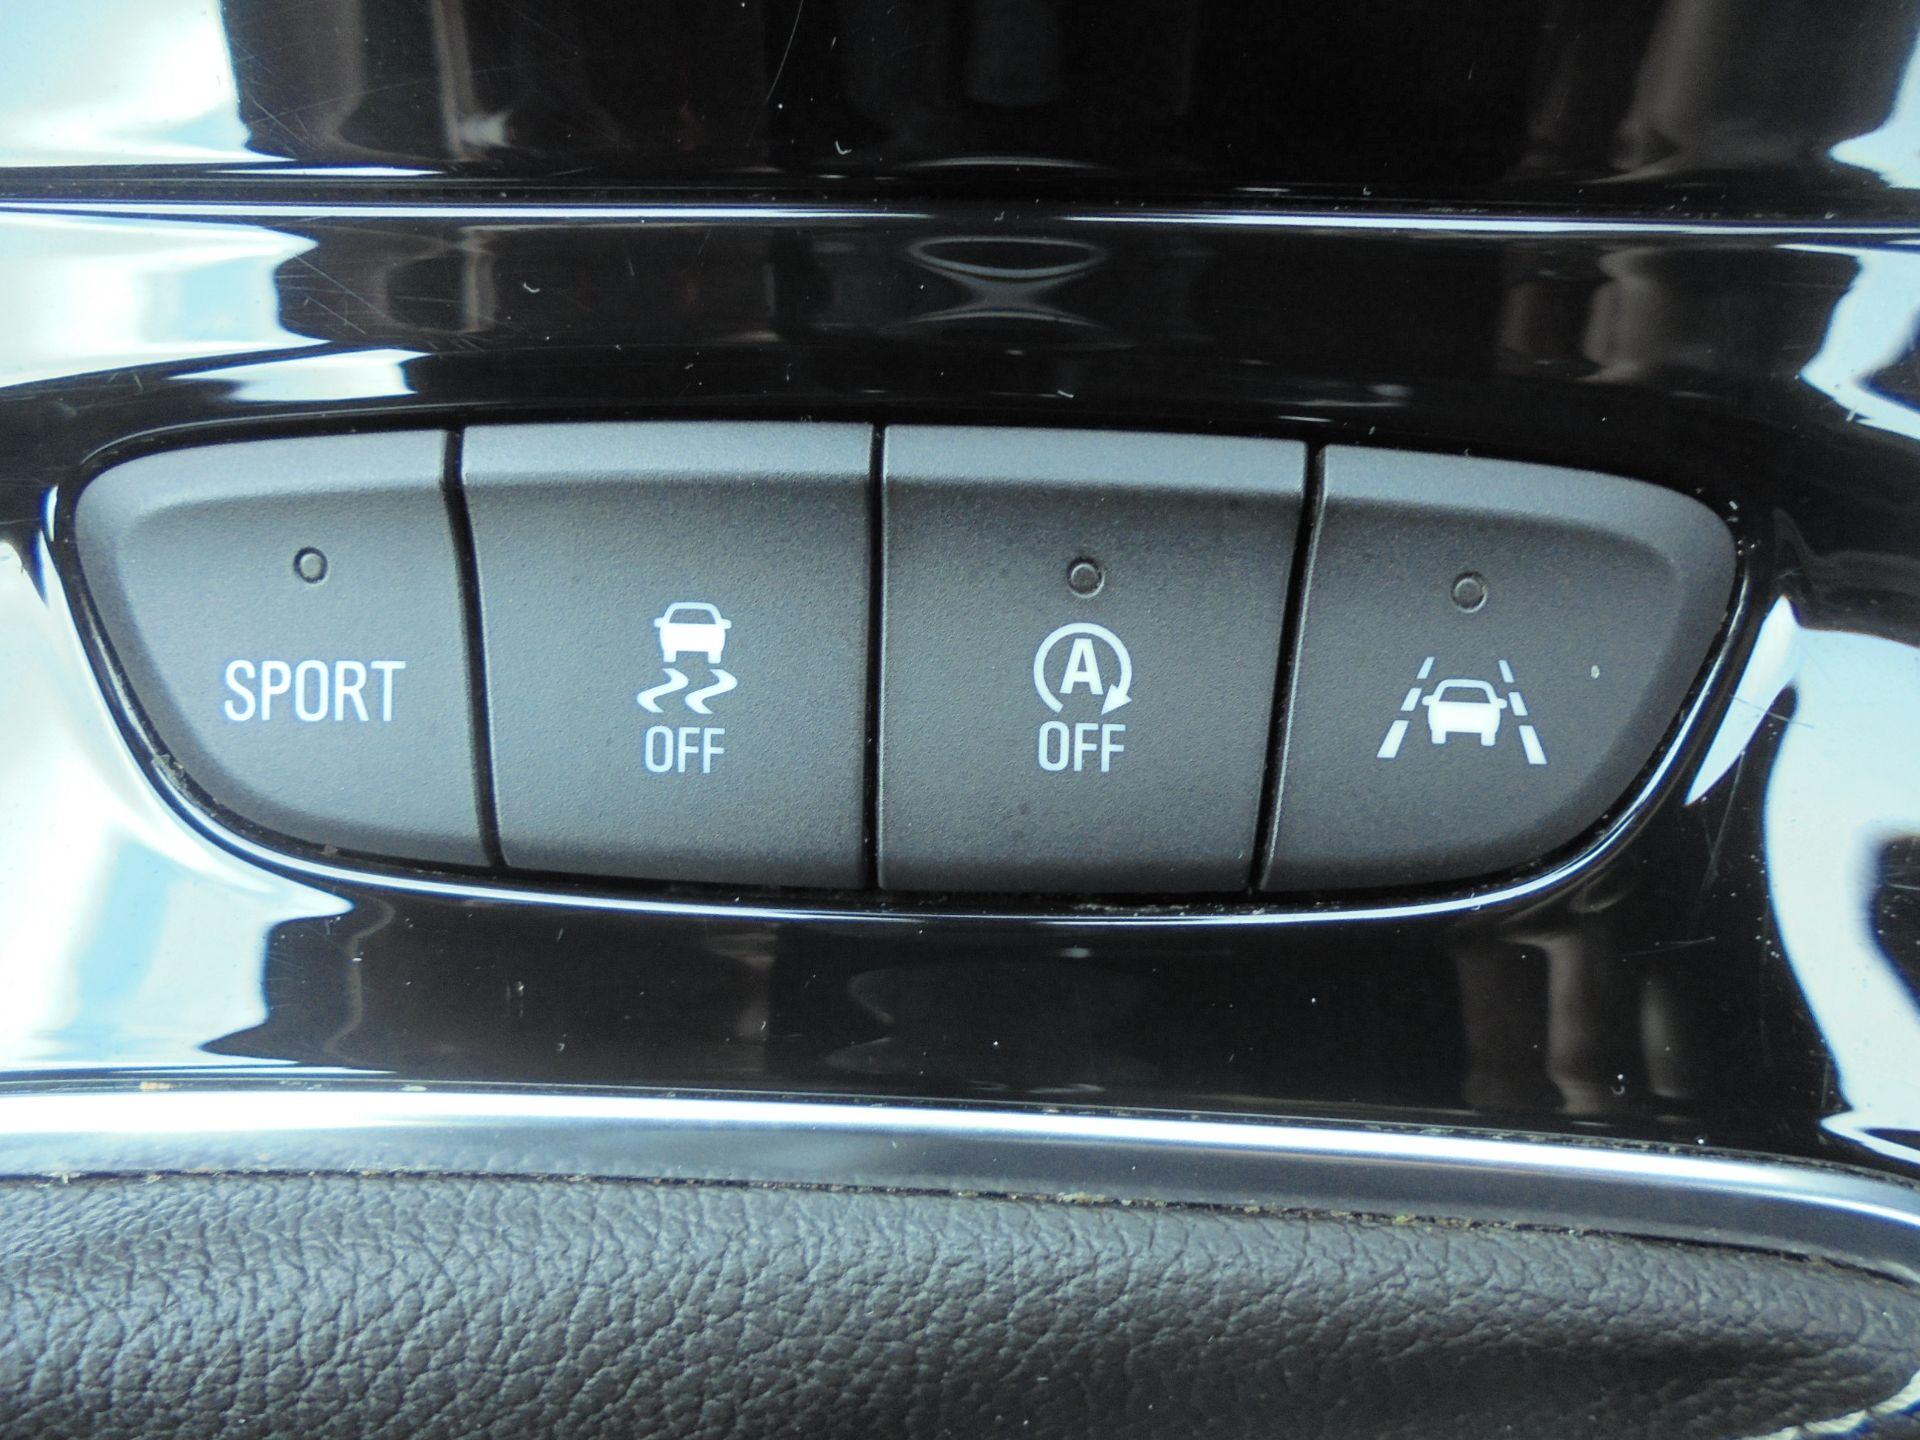 2018 Vauxhall Astra 1.6 Cdti 16V Ecoflex Sri Nav 5Dr (VE18TXA) Image 19